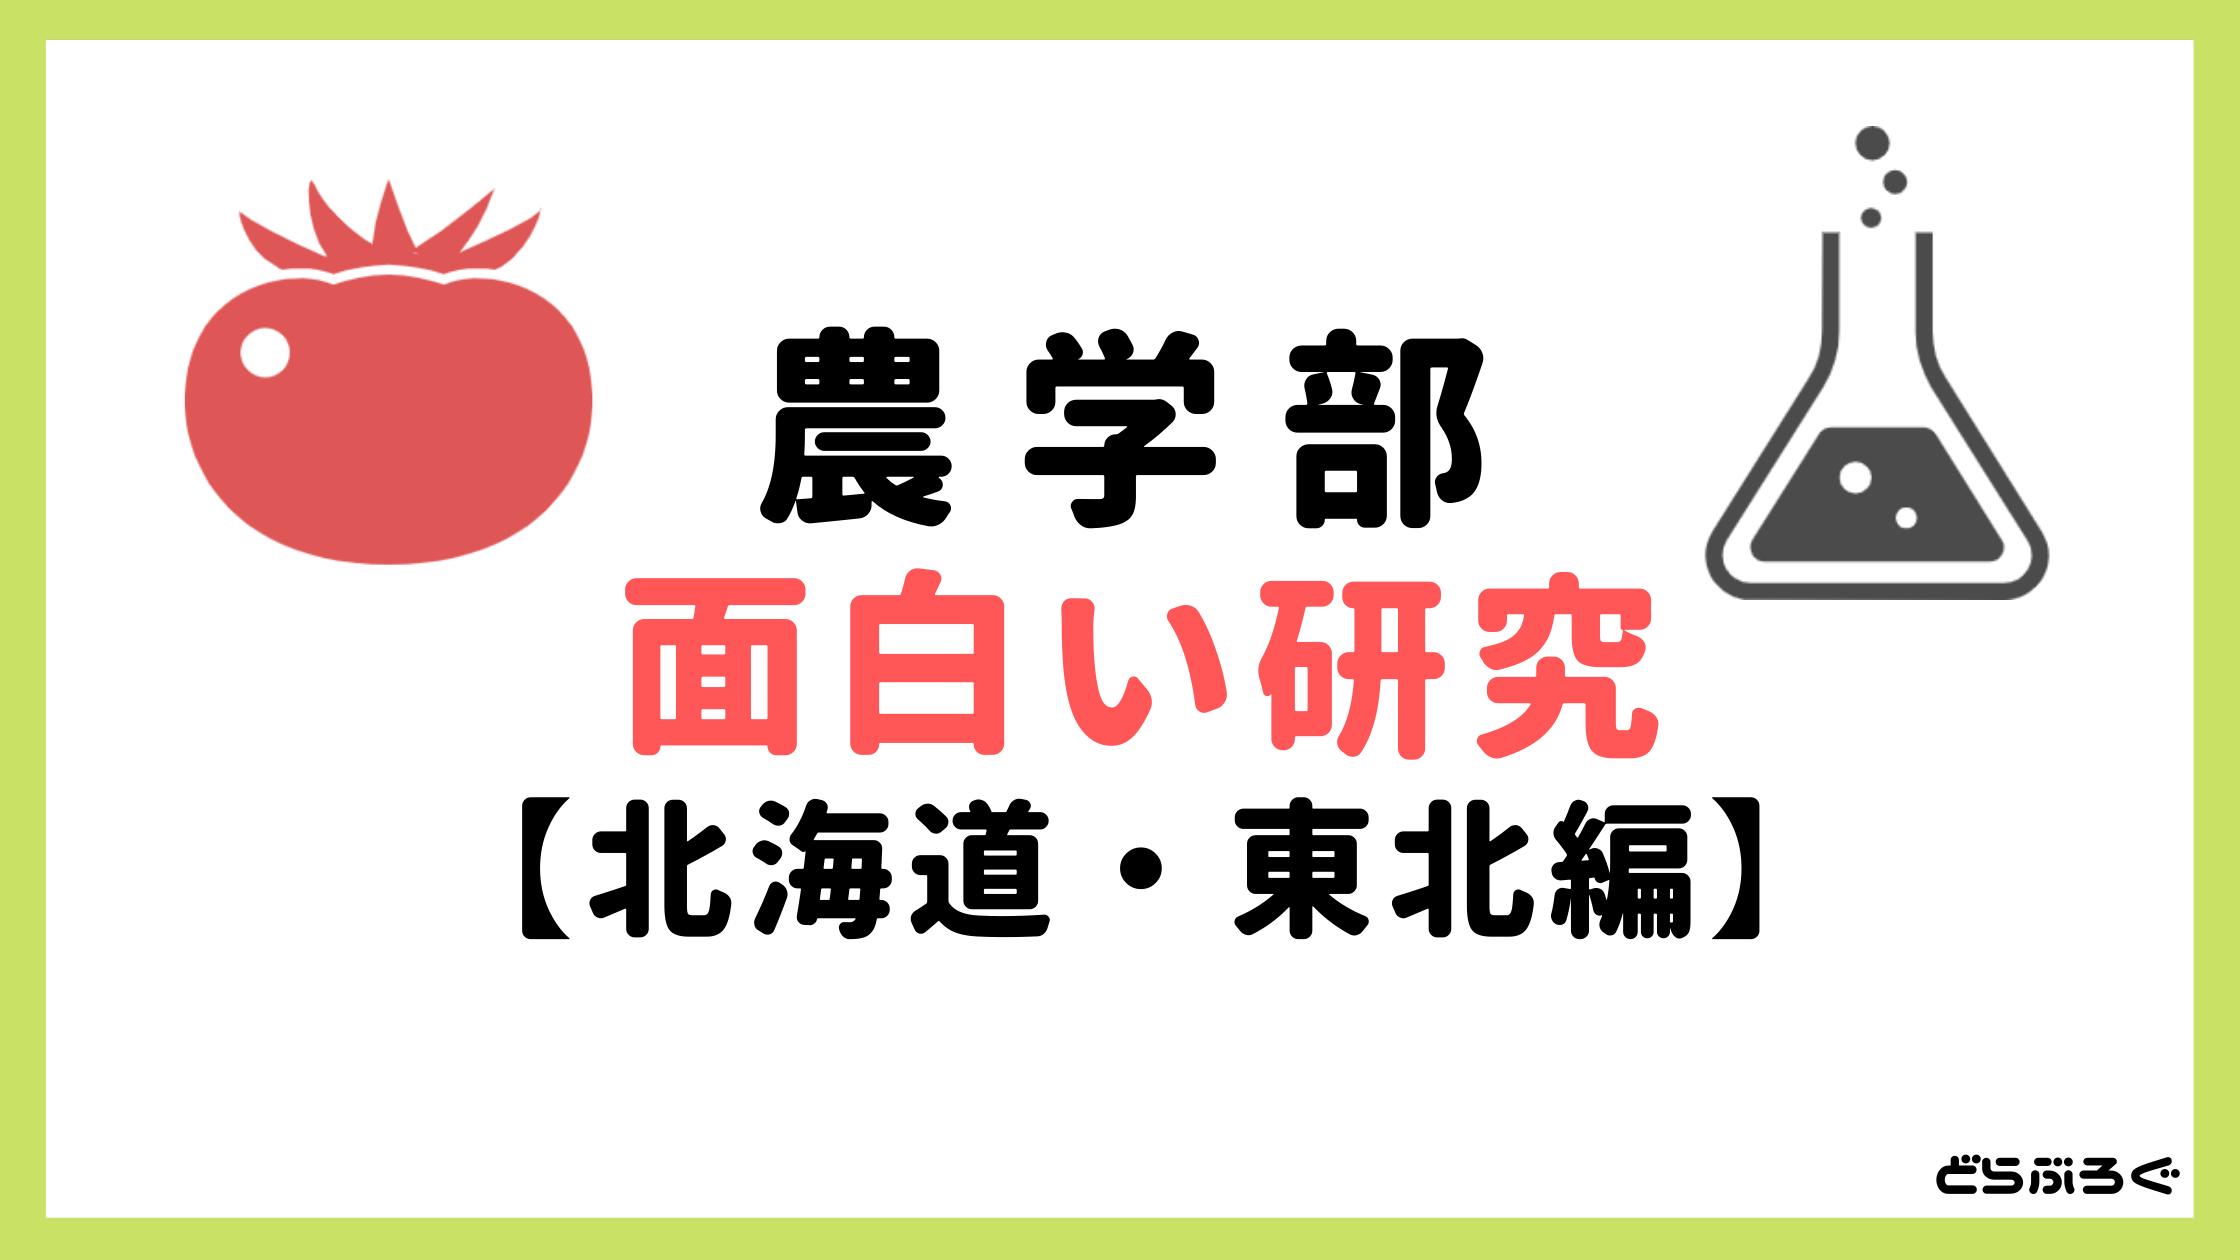 農学部の面白い研究テーマ 「北海道・東北」